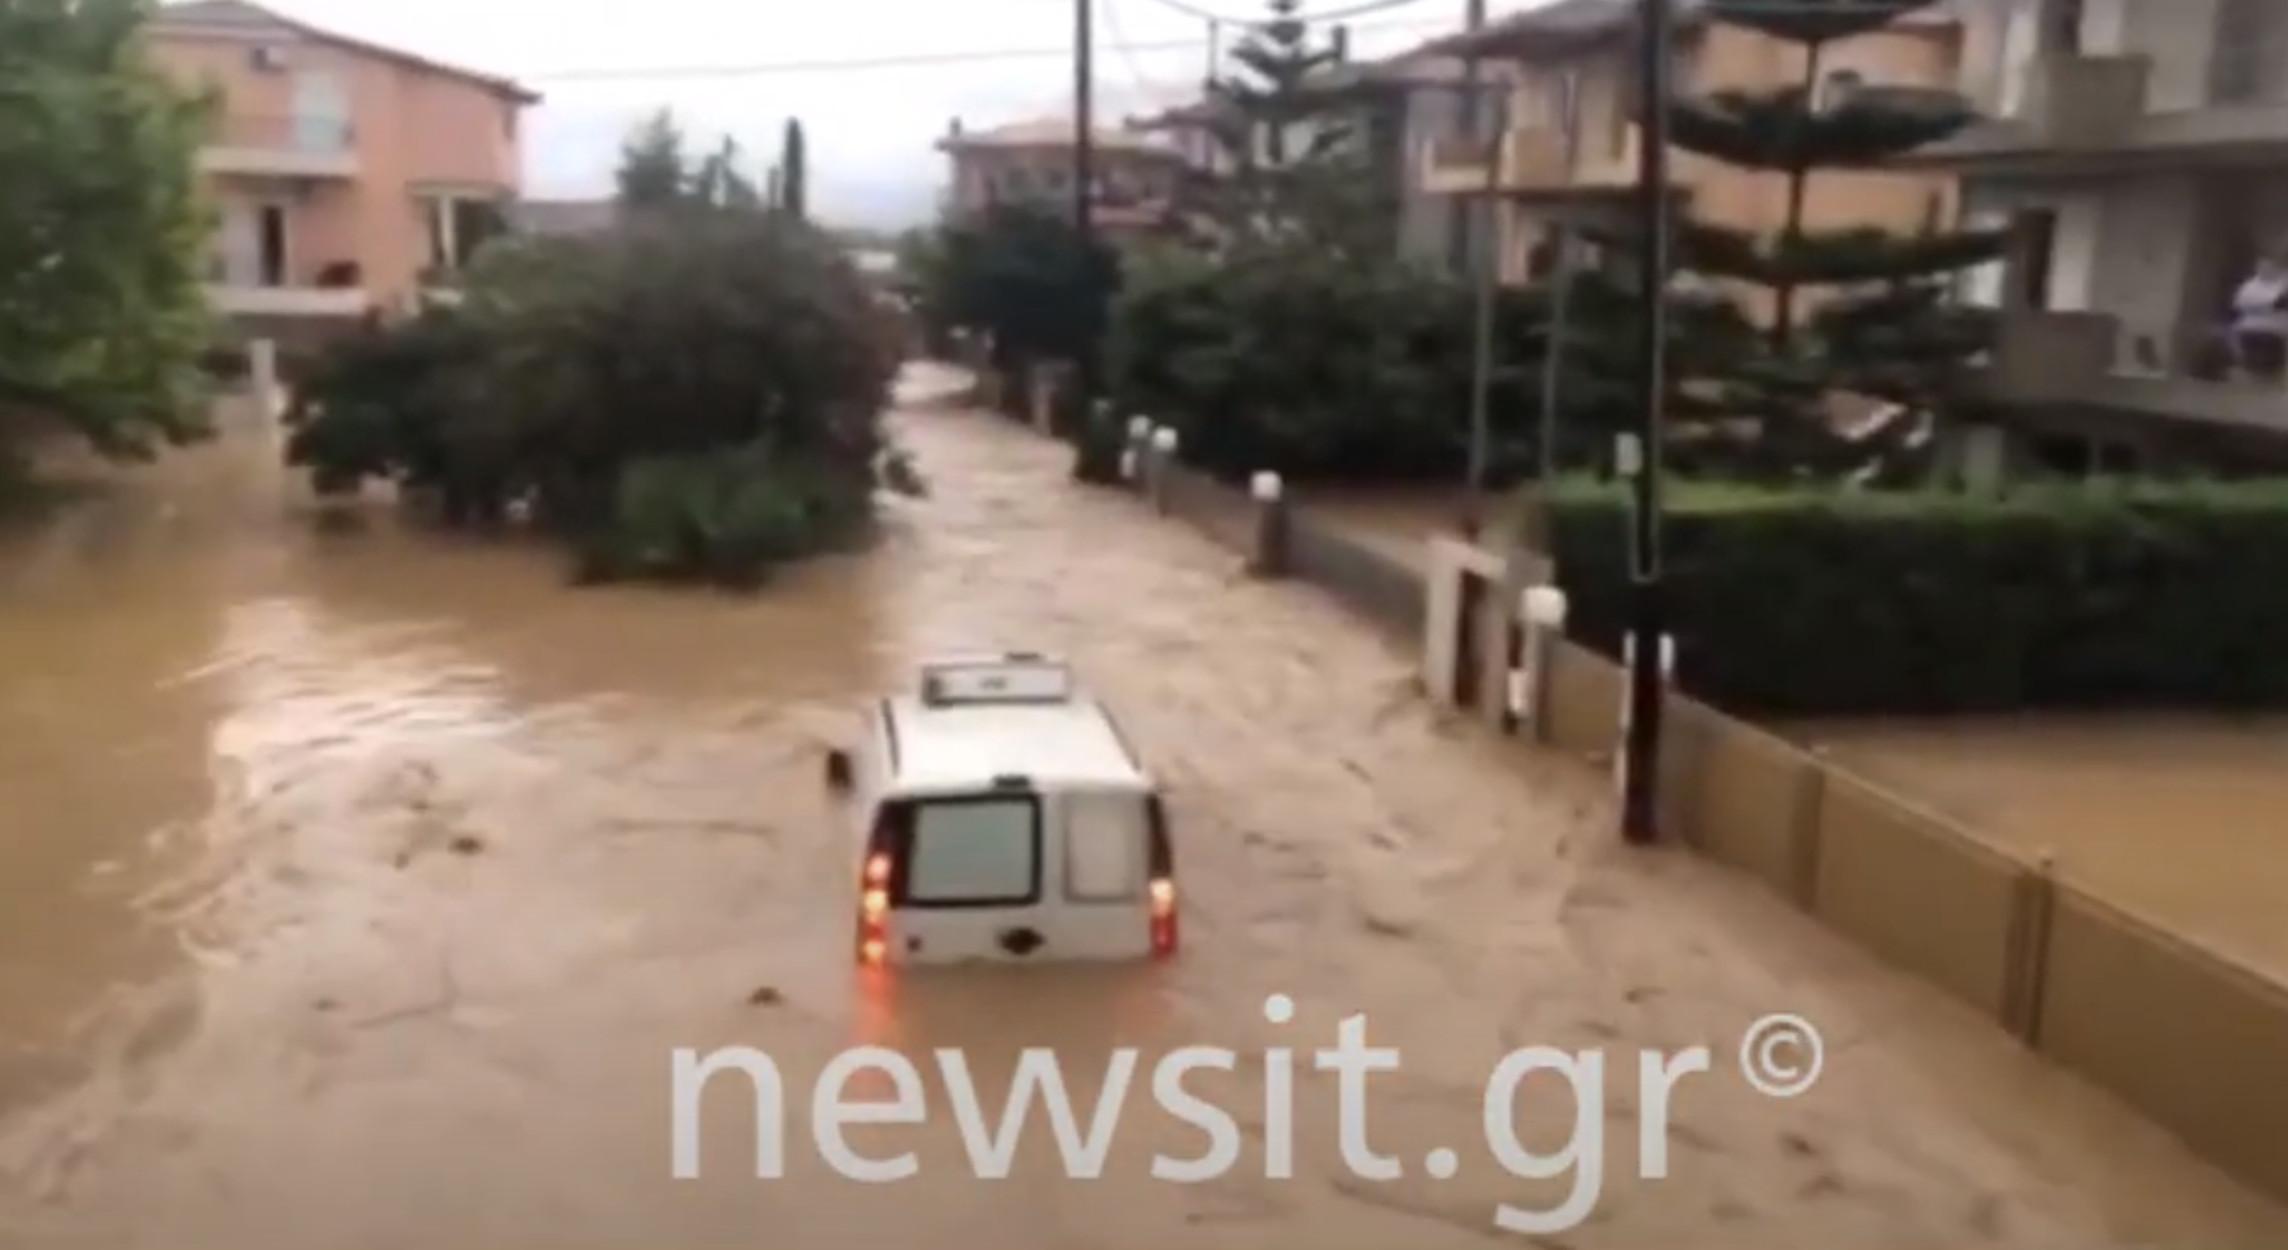 Εύβοια: Και τέταρτος νεκρός από τις τρομακτικές πλημμύρες – Στην περιοχή ο Χαρδαλιάς